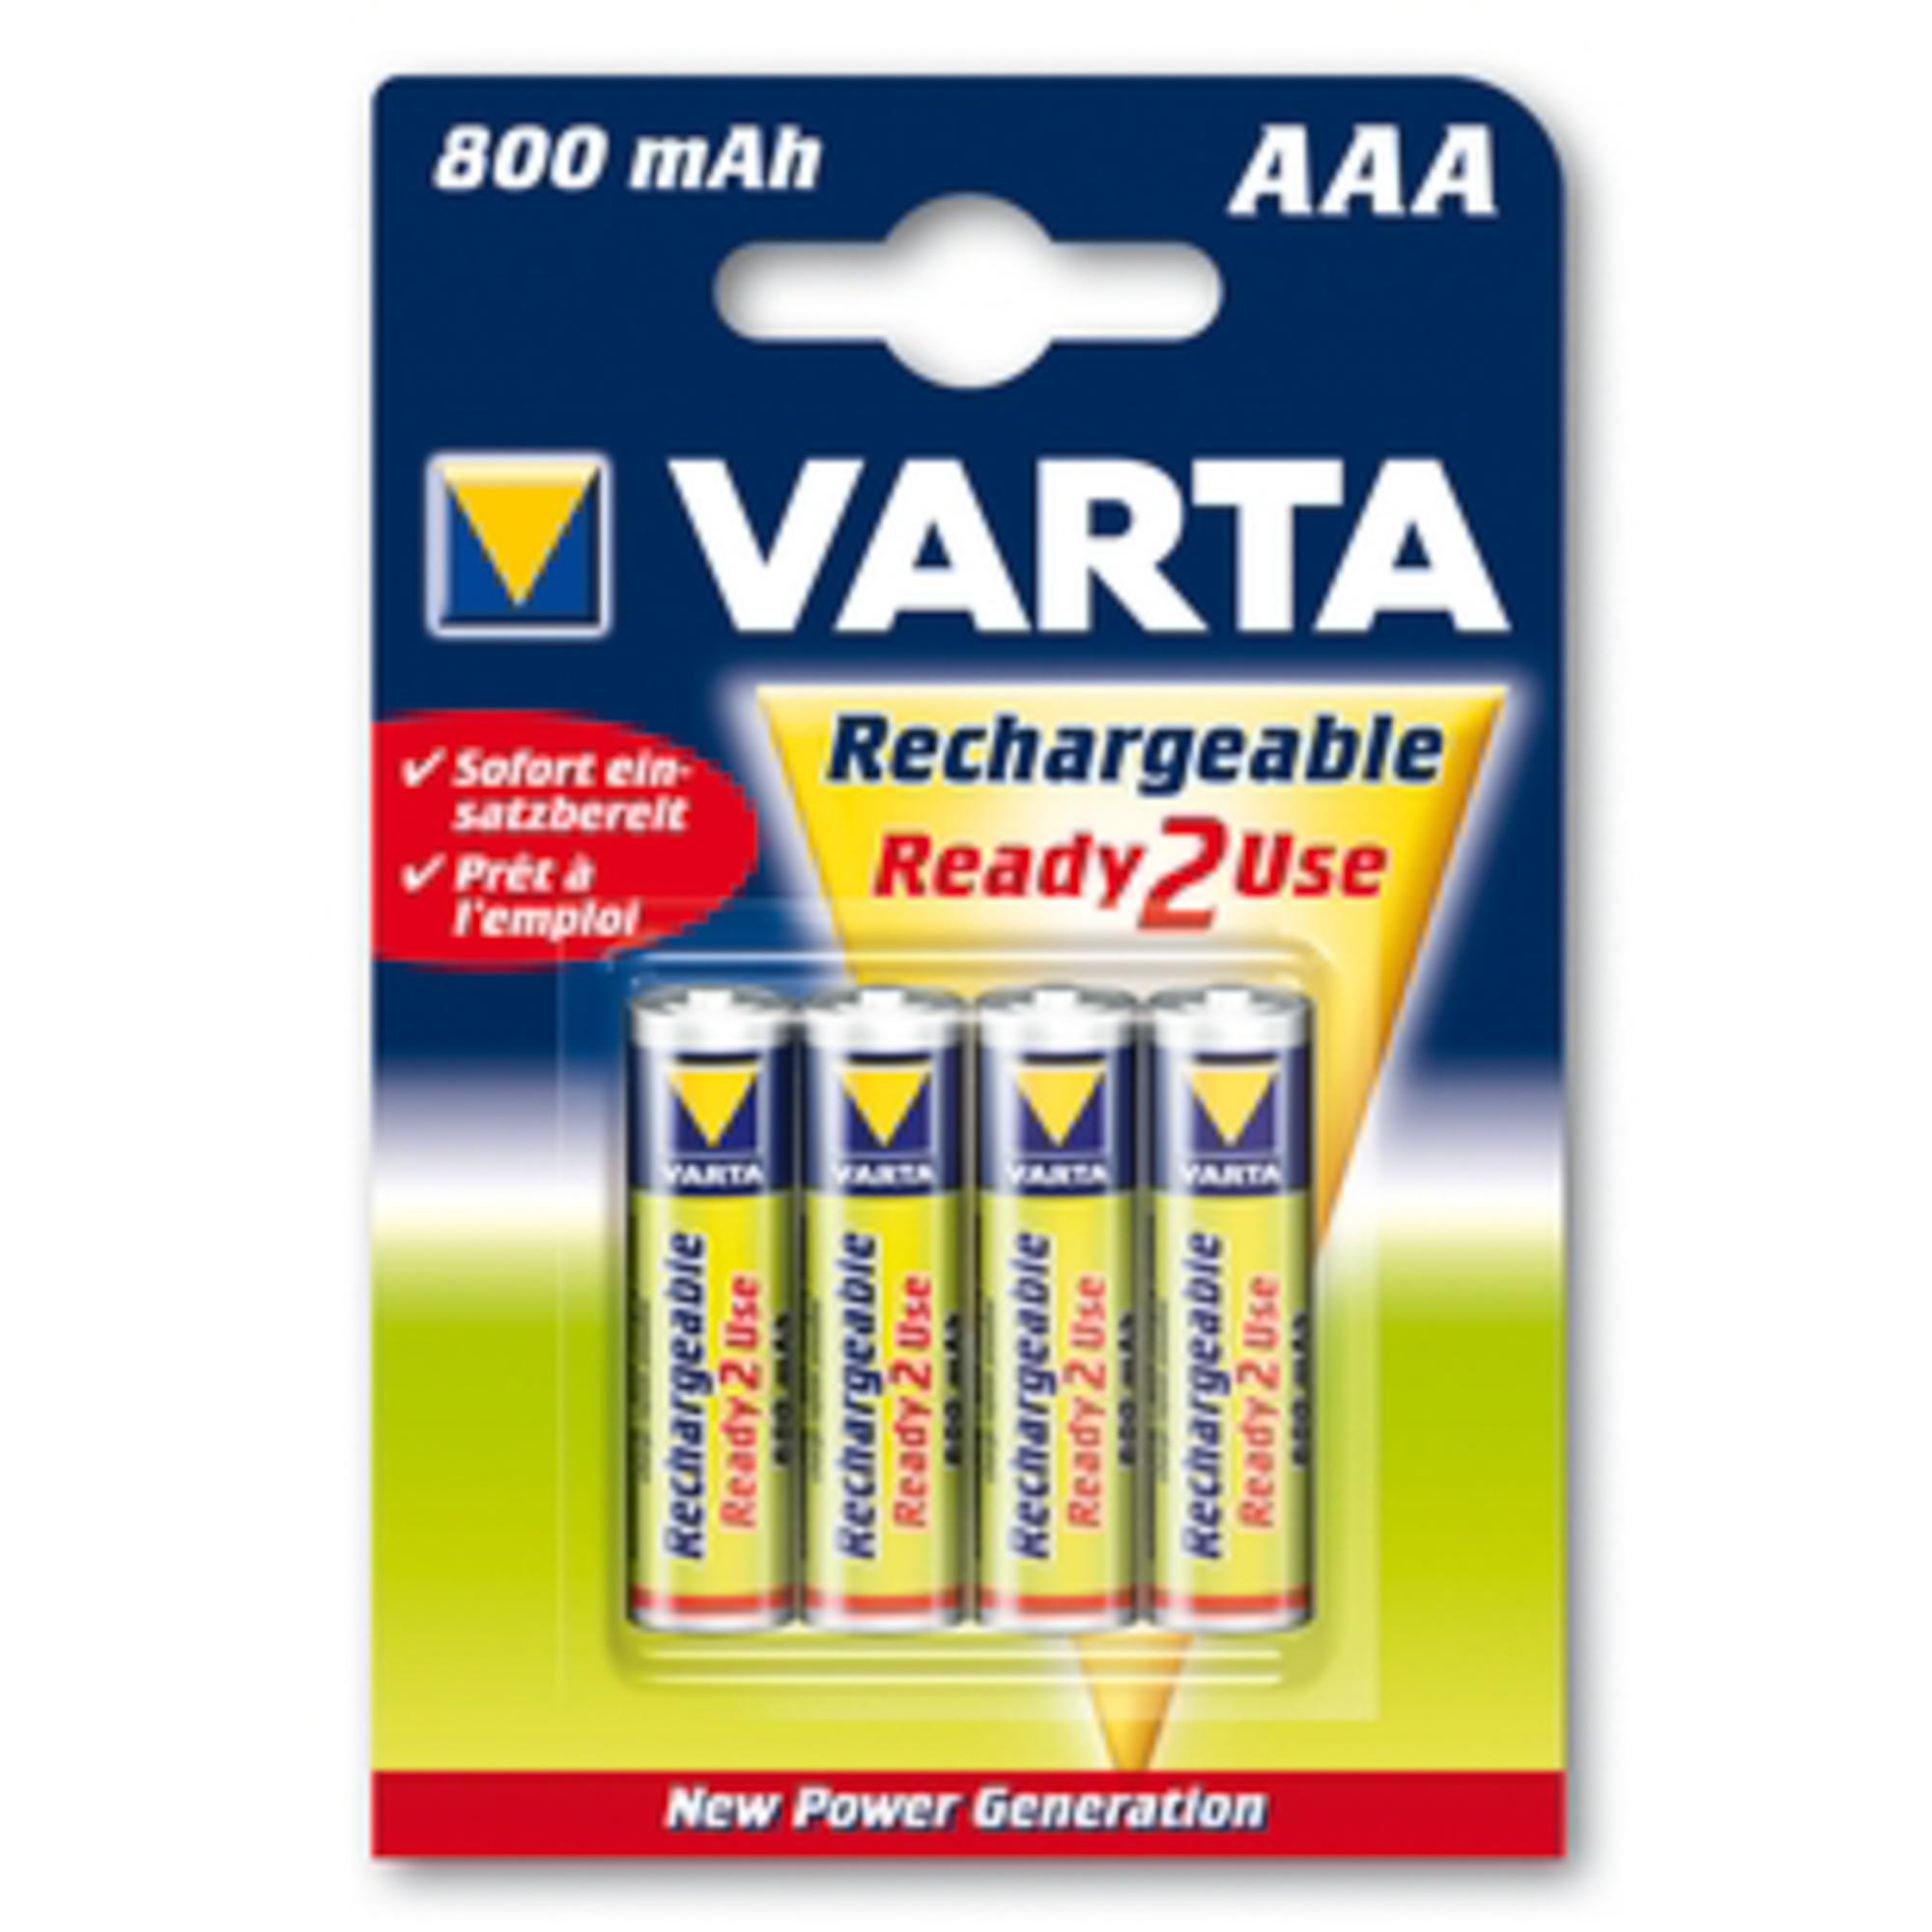 Аккумулятор Varta aaa 800 mah b4 rtu 56703.101.414